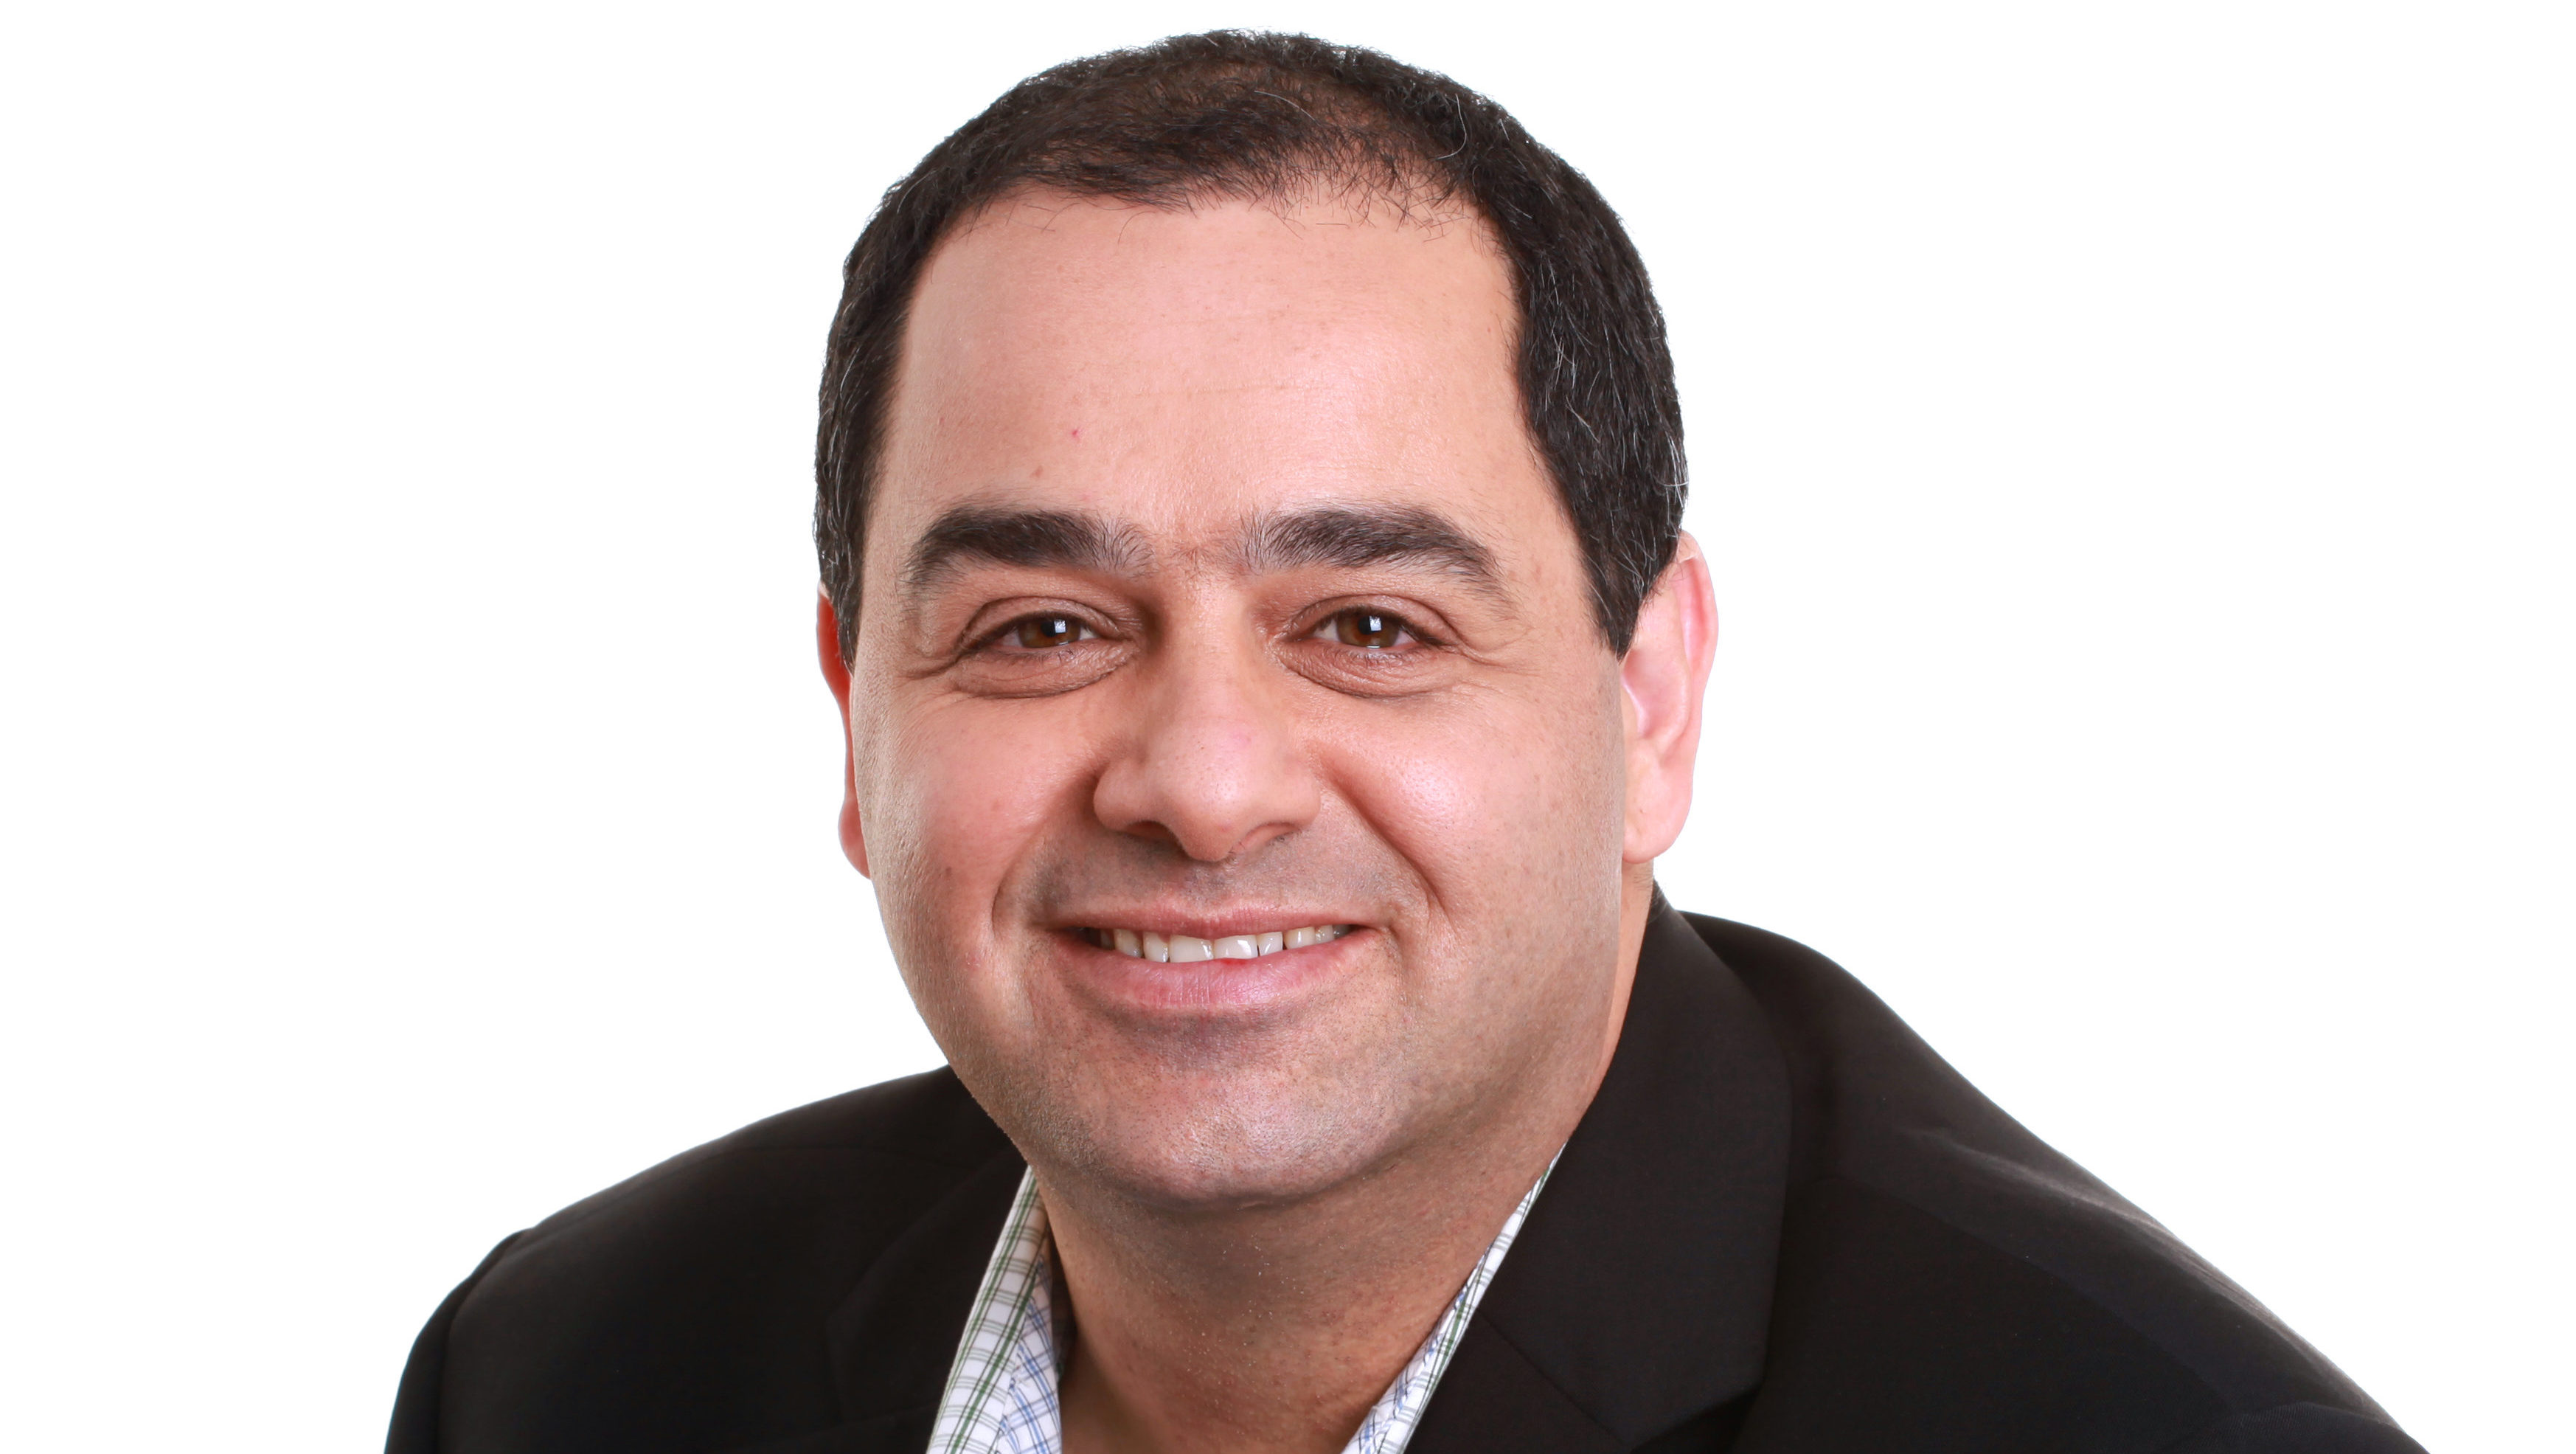 """דניאל כהן, מנהל חטיבת הבריאות ומשנה למנכ""""ל כלל ביטוח, פורש מהחברה"""